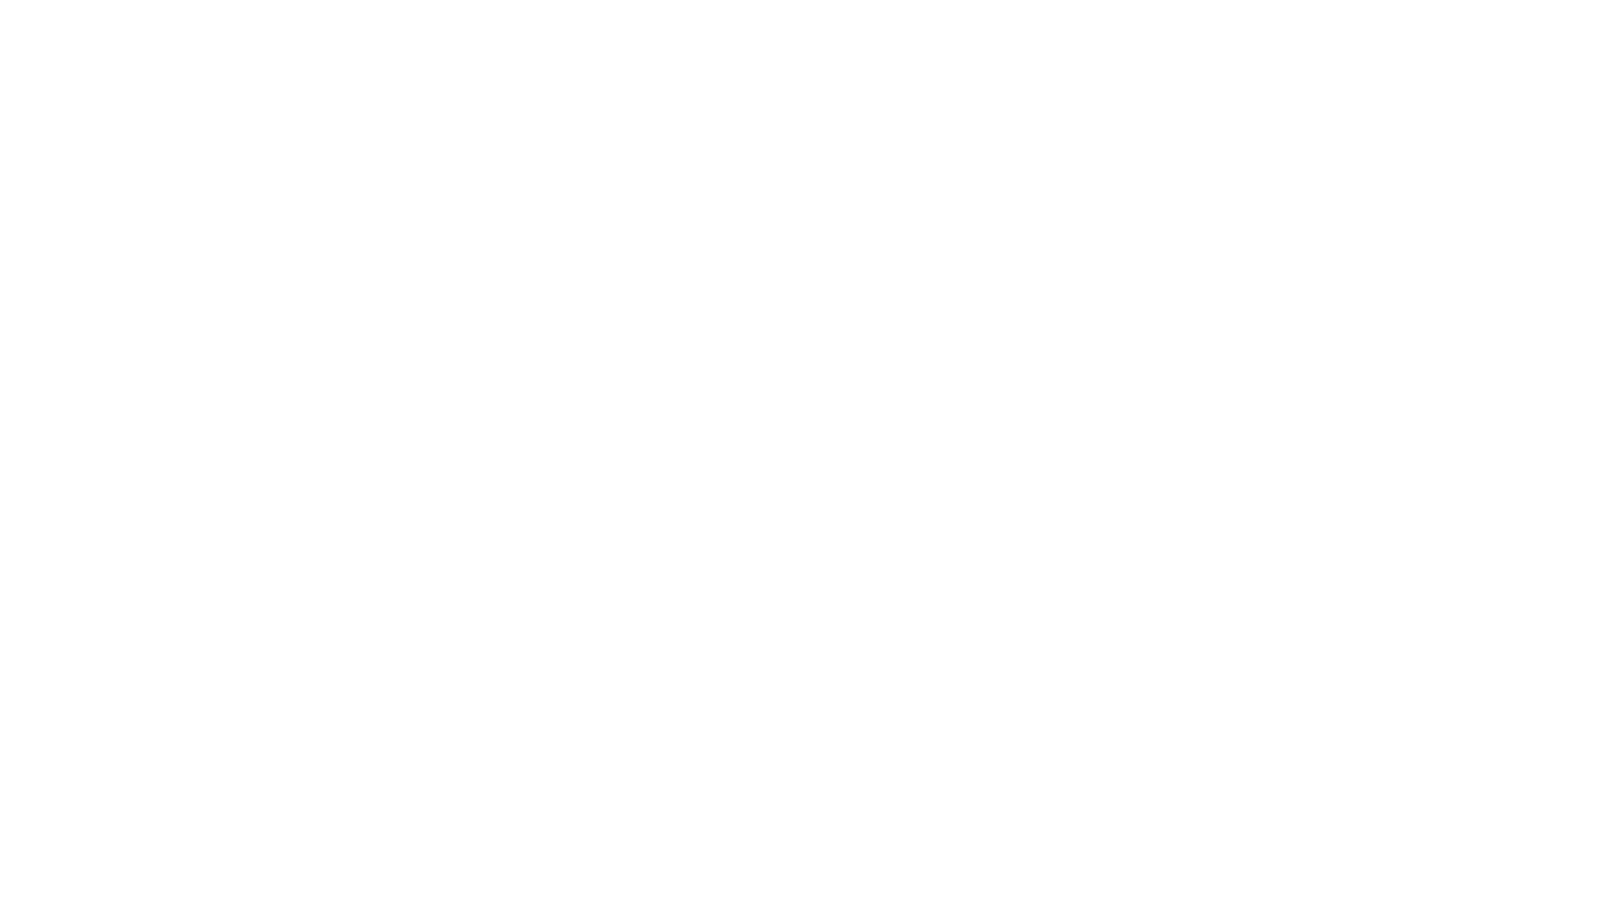 Tire suas dúvidas sobre o Mapeamento Sebrae de Economia Criativa do Nordeste, iniciativa realizada pelo Sebrae em parceria com o Impacta Nordeste e busca e seleção da Pipe.Social.  #economiacriativa